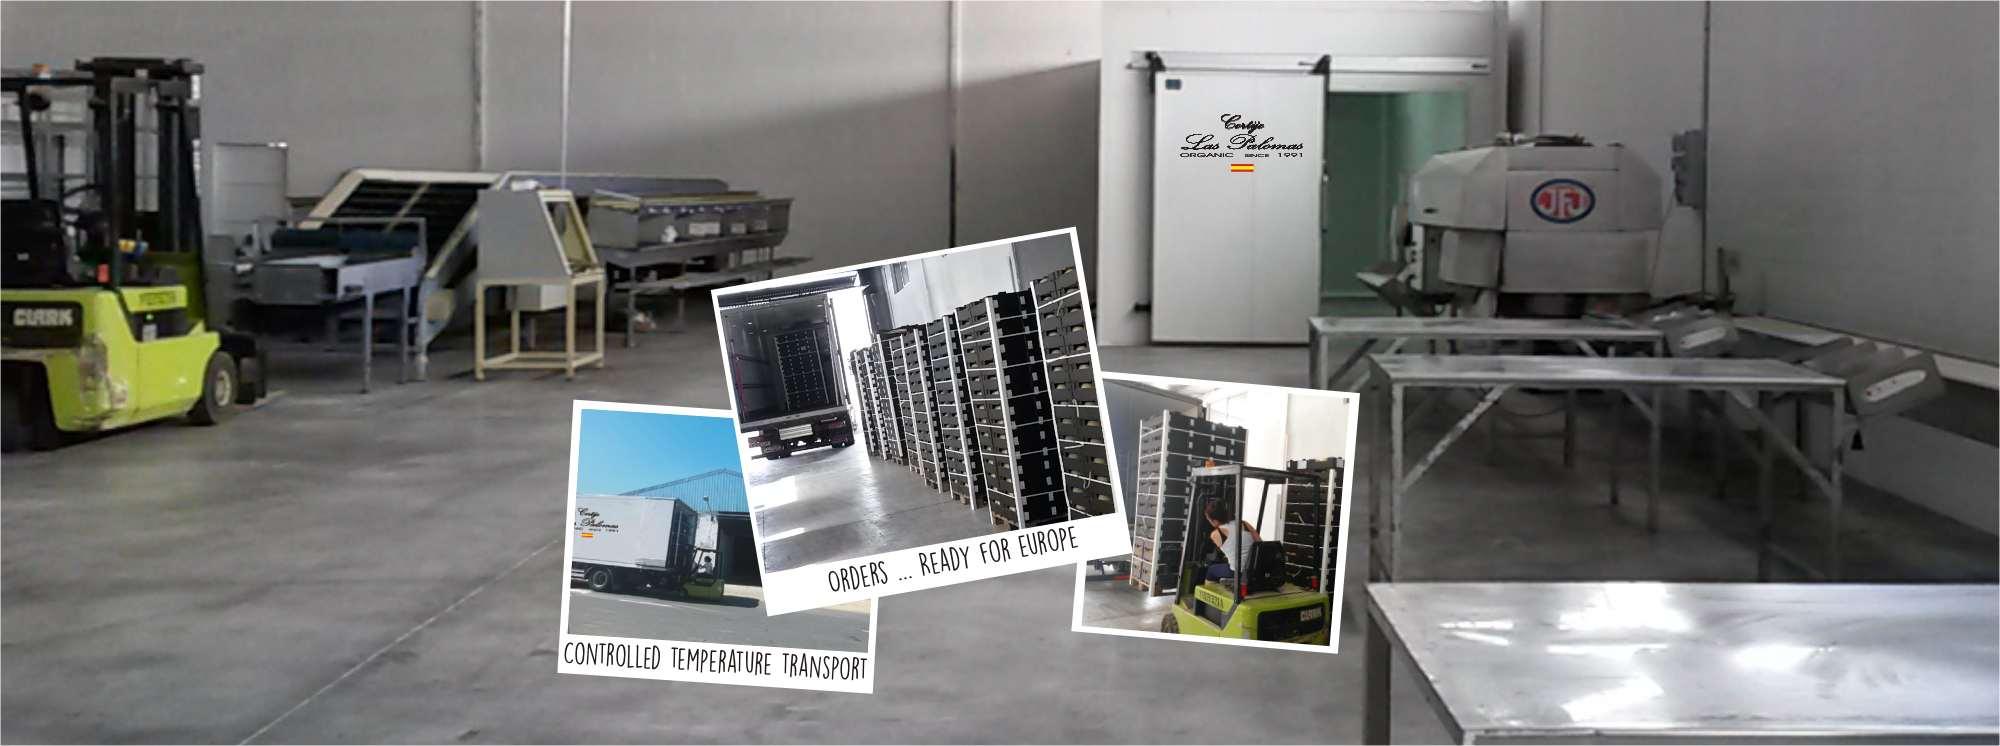 Wij beschikken over een moderne, strategisch gelegen opslag- en verpakkingsruimte